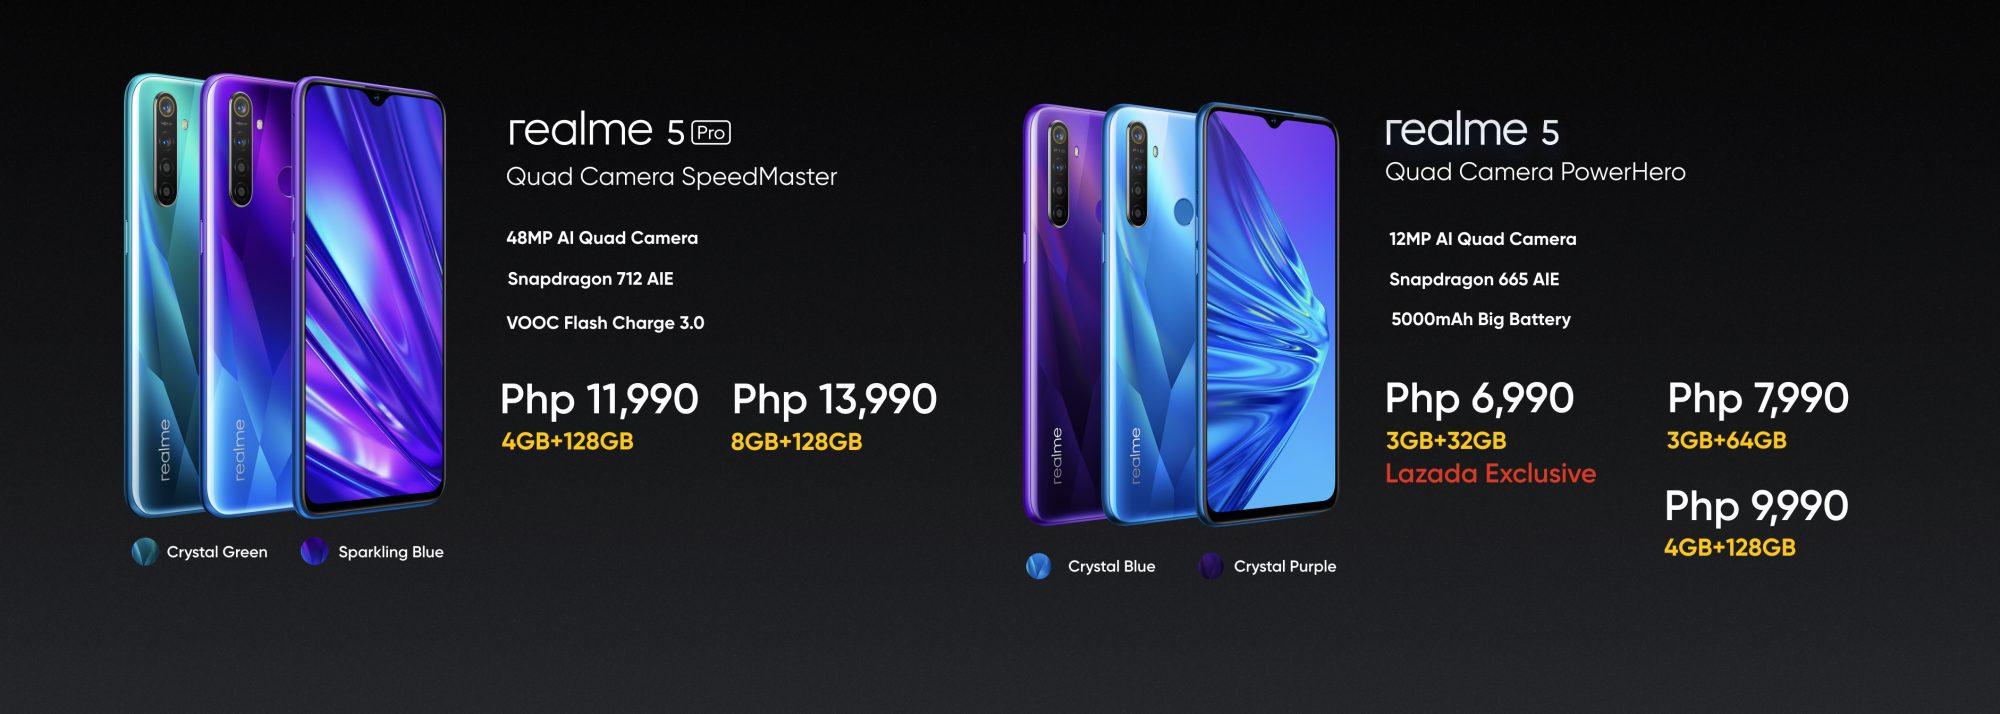 realme 5 and realme 5 Pro Prices